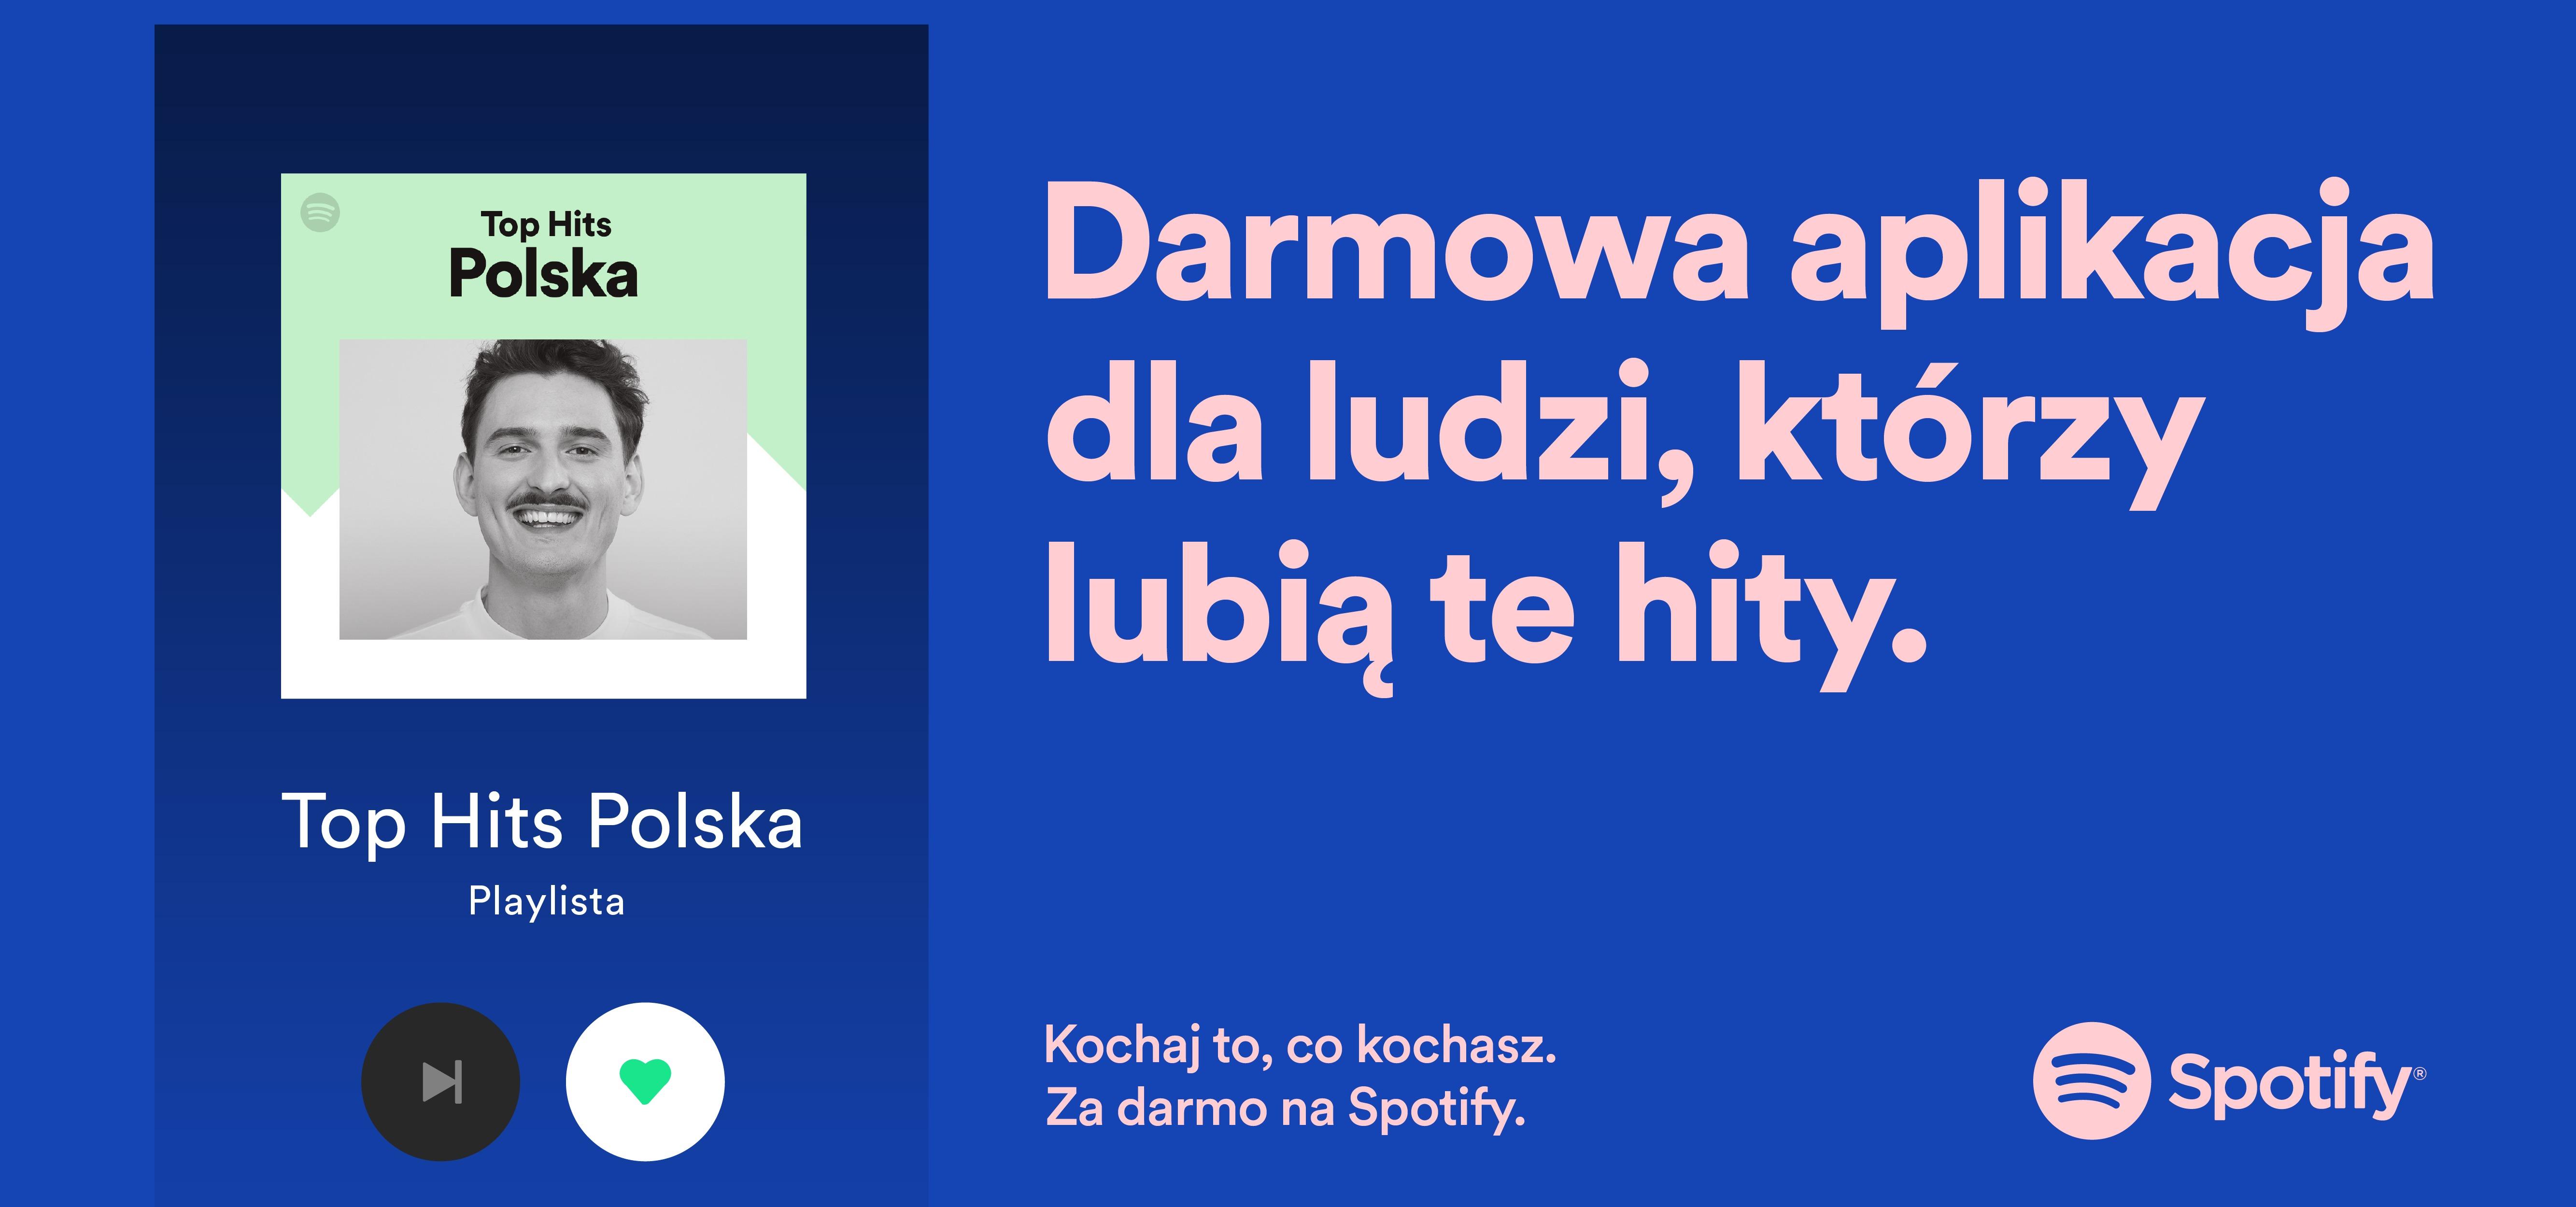 Miłość do ulubionej muzyki motywem przewodnim nowej kampanii Spotify w Polsce